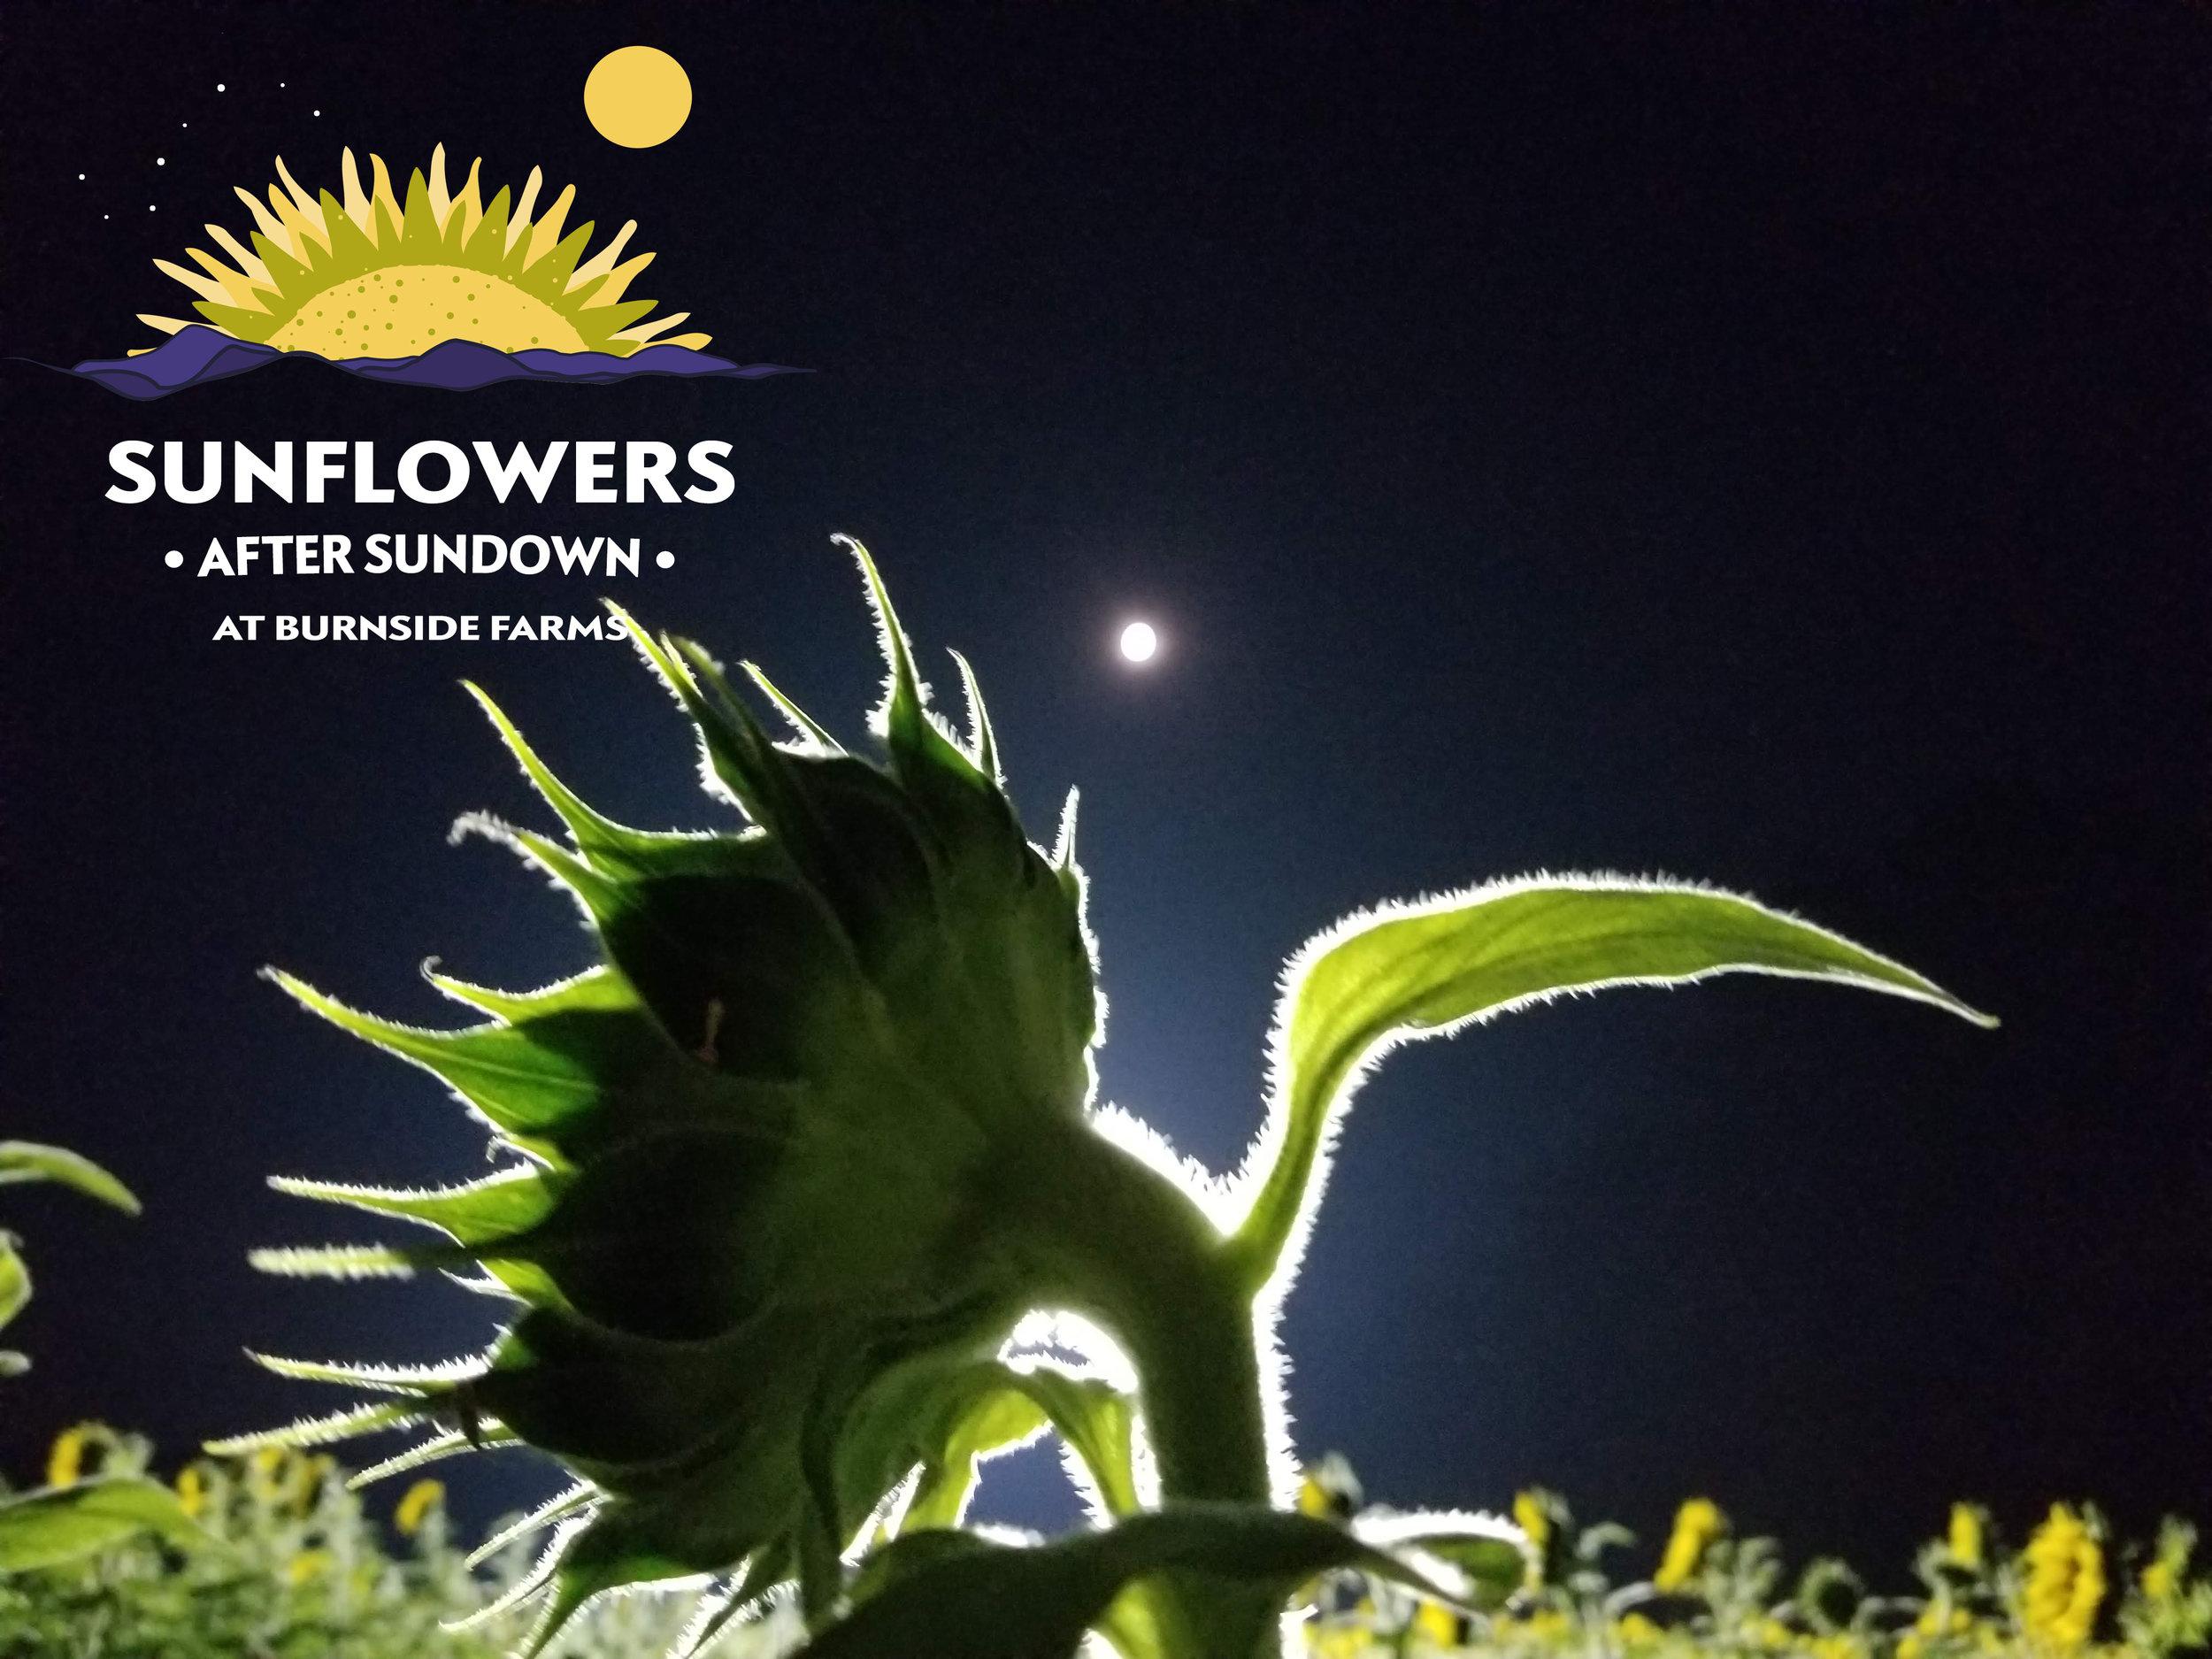 sunflowers_sundown.jpg